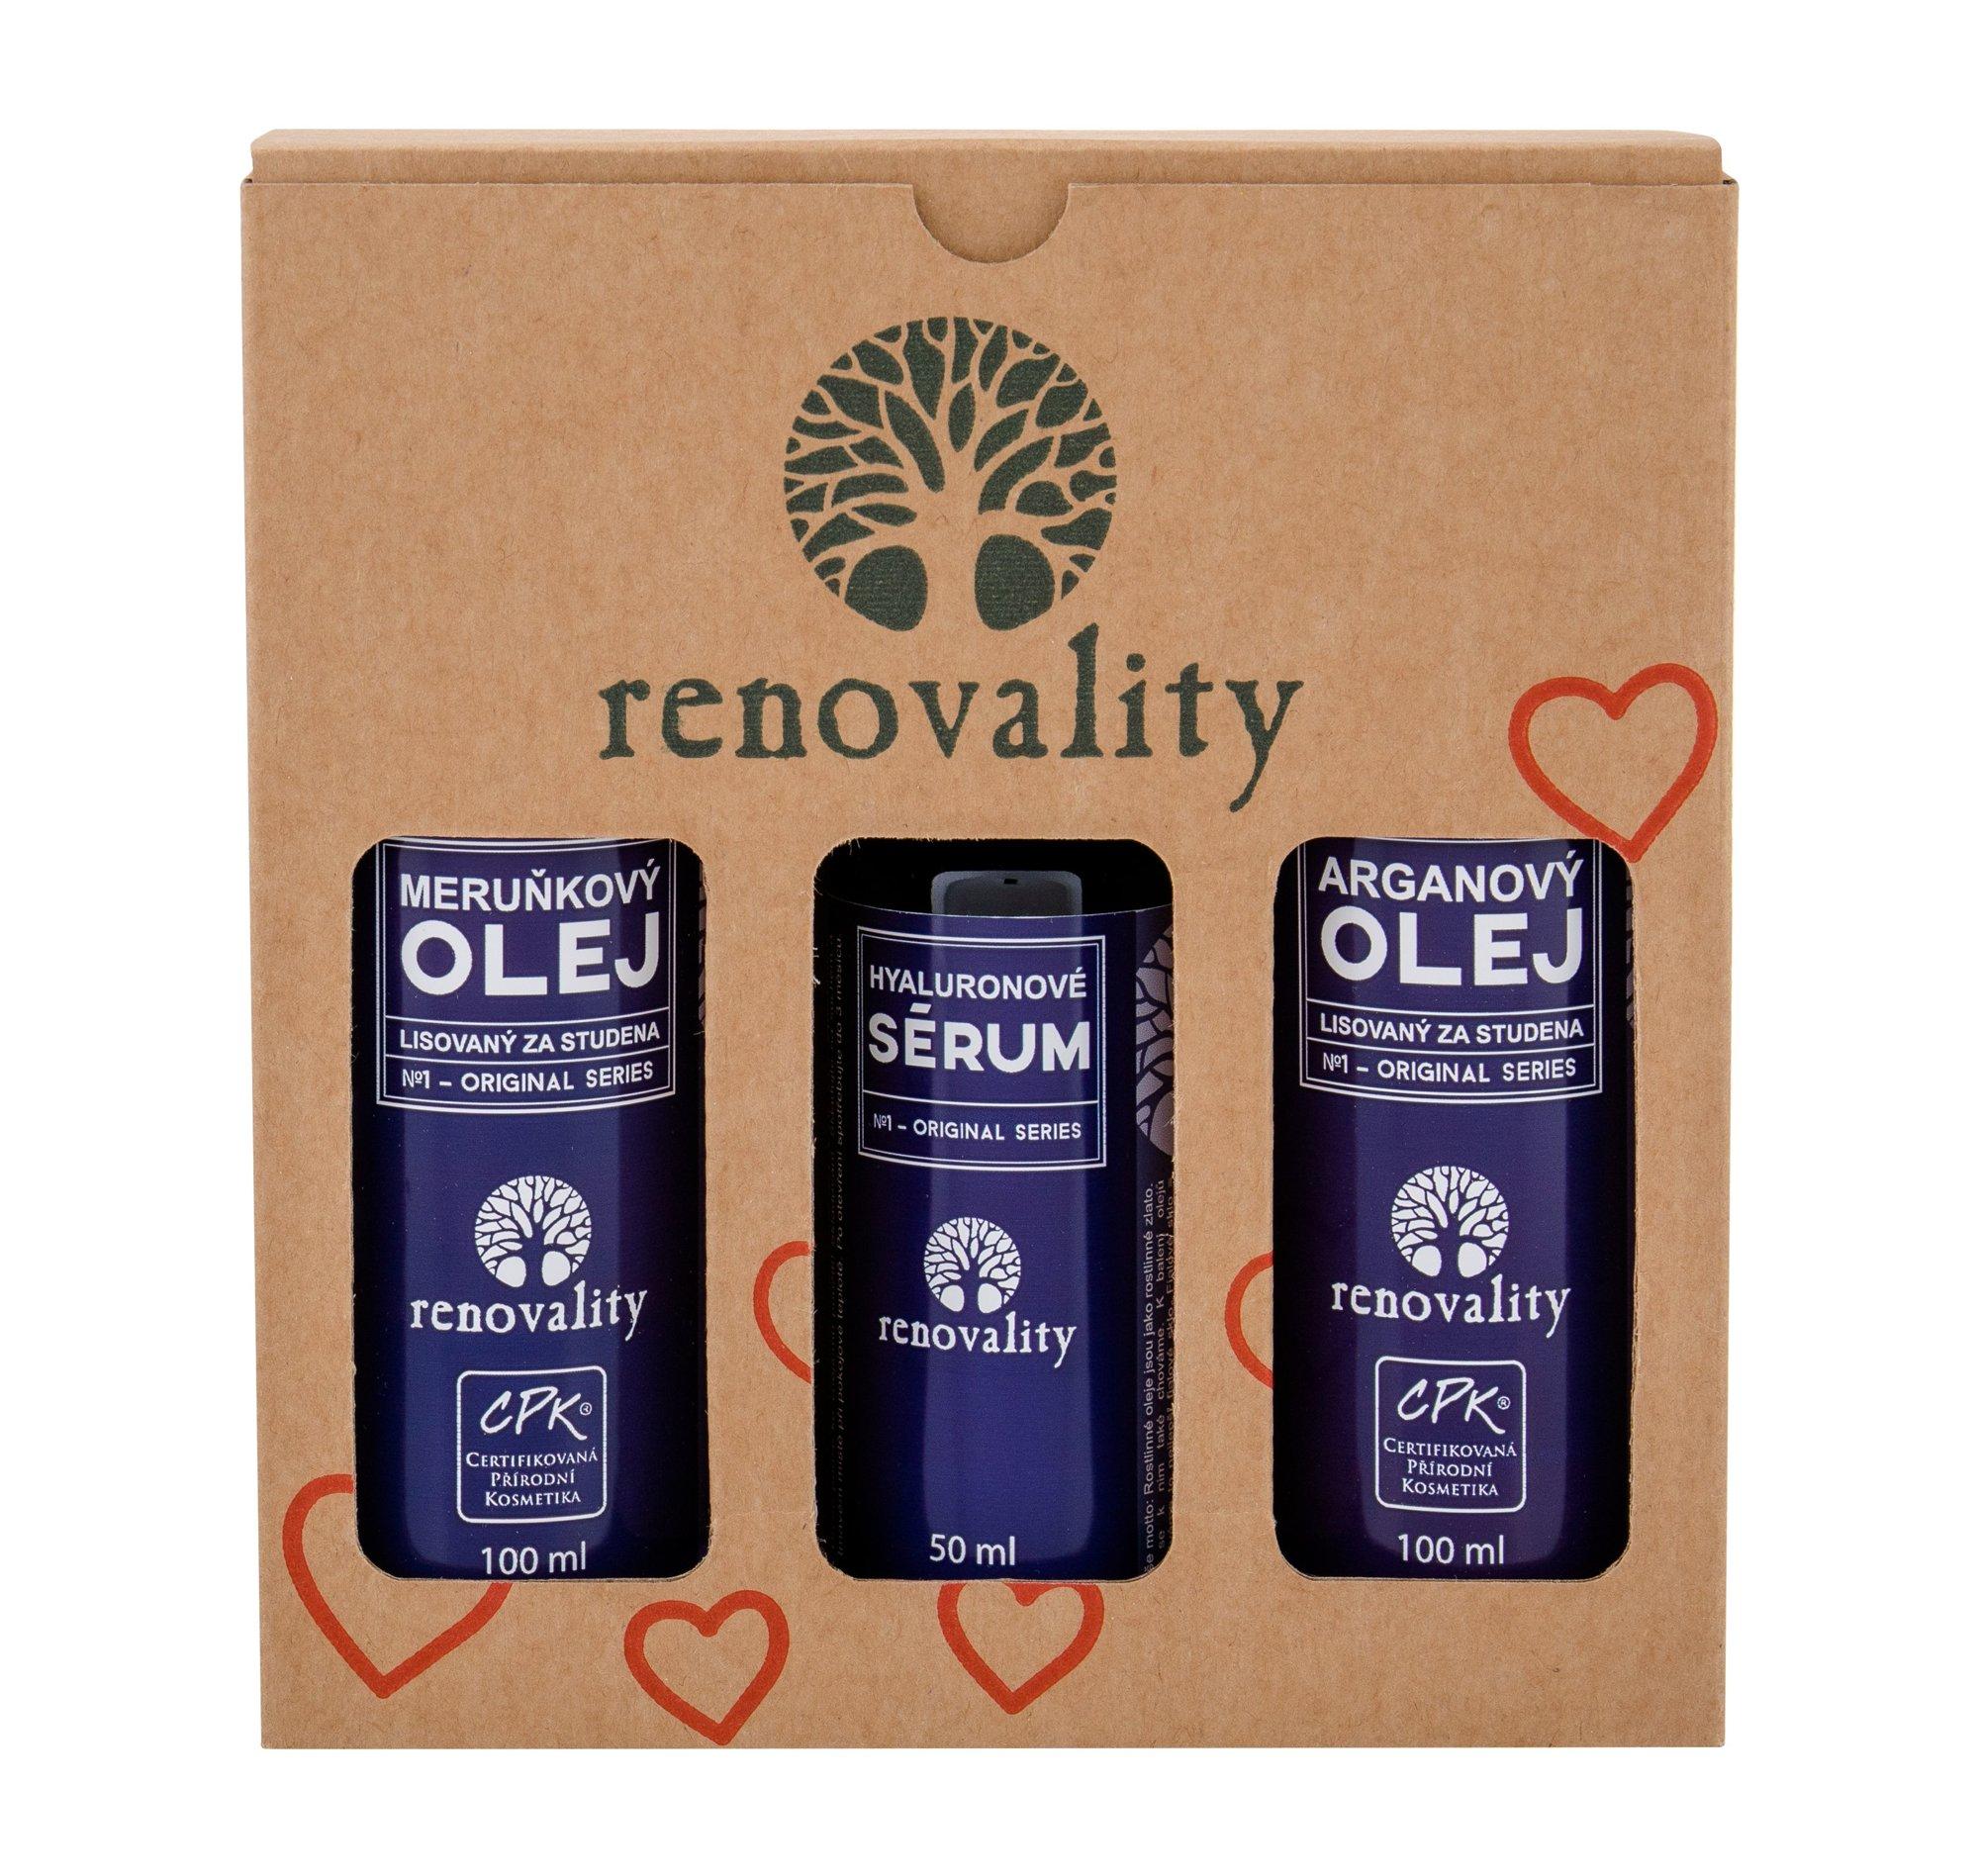 Renovality Original Series Body Oil 100ml  Argan Oil